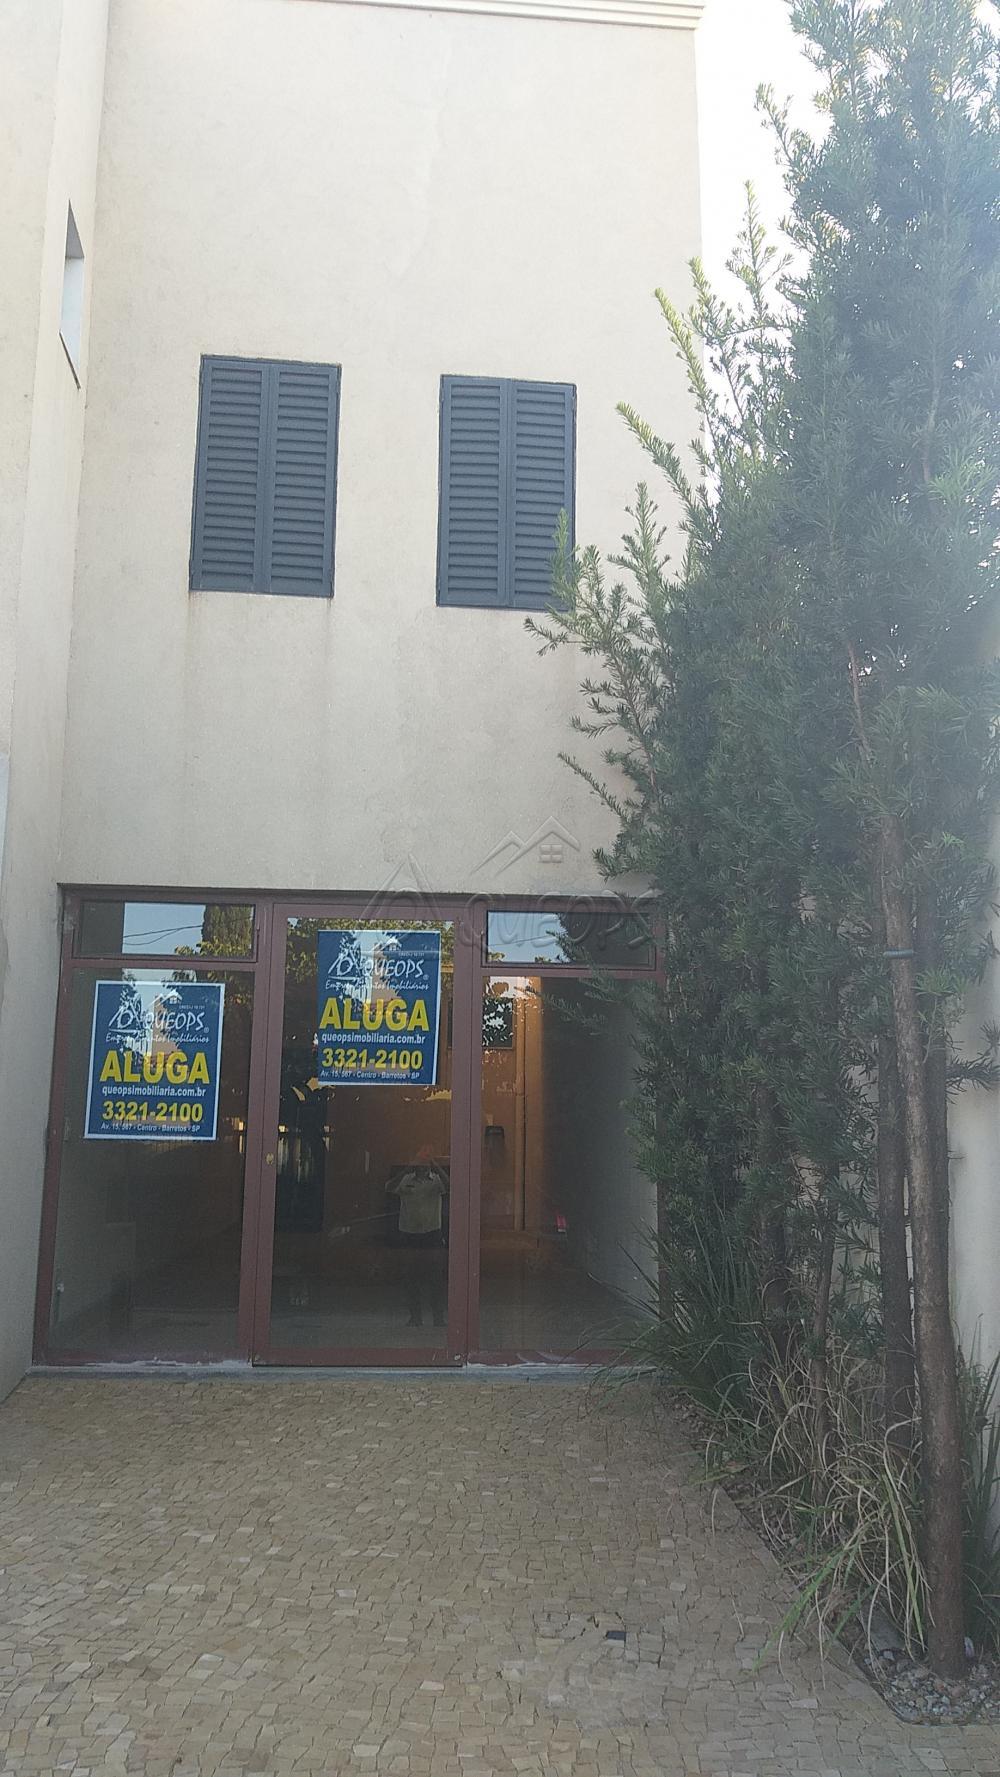 Alugar Casa / Sobrado em Barretos apenas R$ 3.300,00 - Foto 1